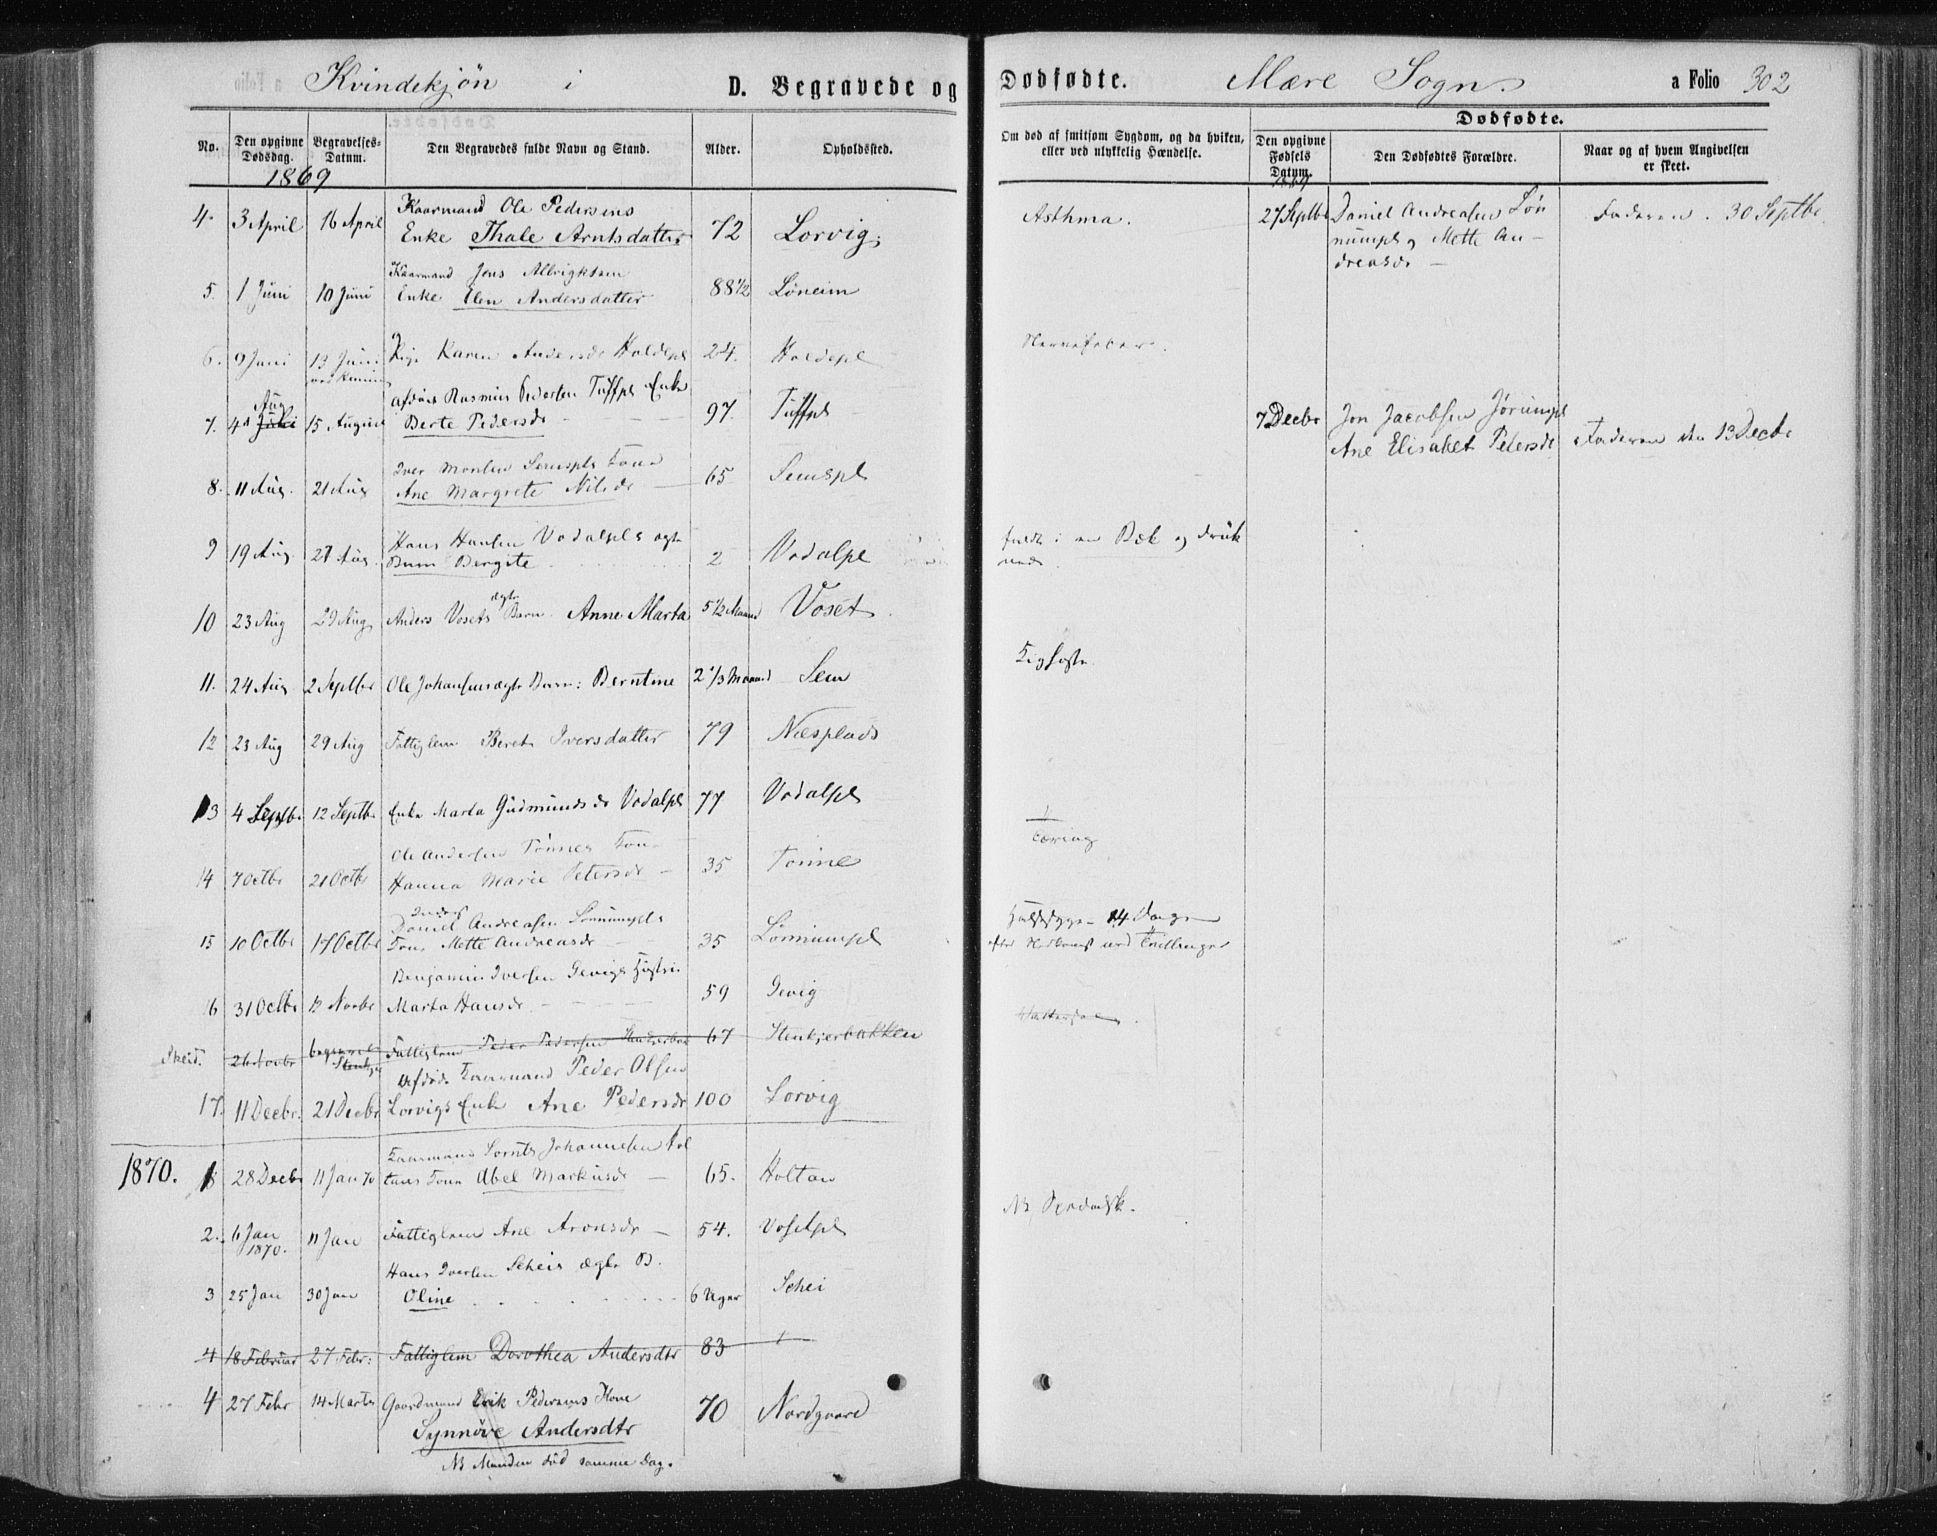 SAT, Ministerialprotokoller, klokkerbøker og fødselsregistre - Nord-Trøndelag, 735/L0345: Ministerialbok nr. 735A08 /1, 1863-1872, s. 302